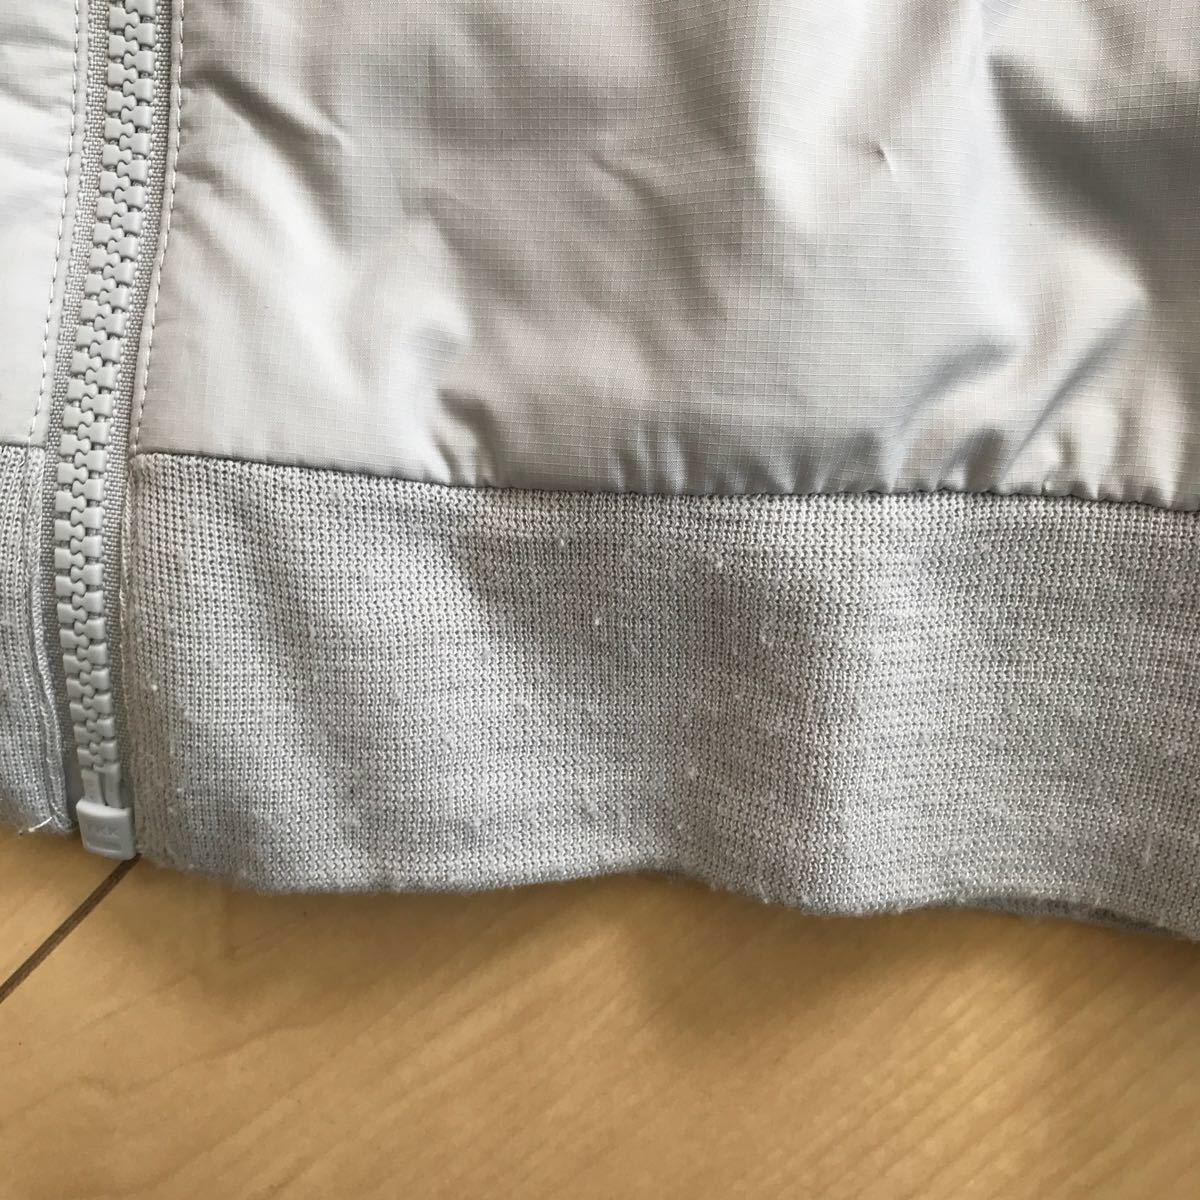 NIKE ナイロンジャケット ウィンドランナー Lサイズ